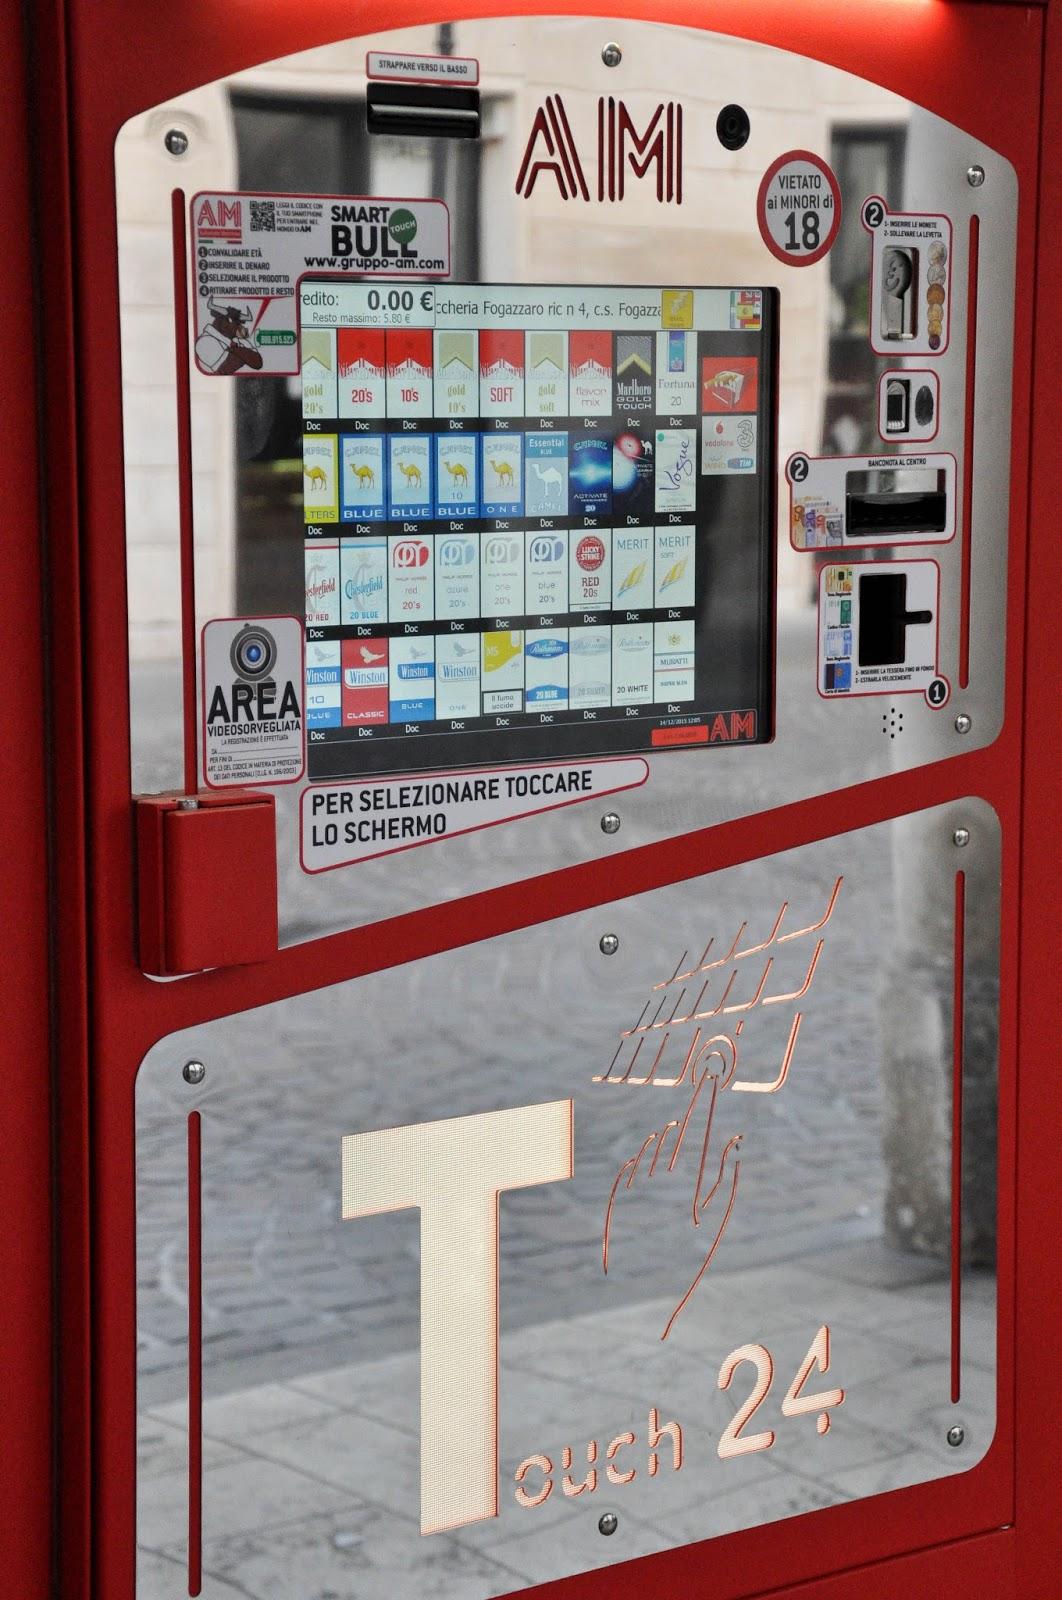 A cigarette-vending machine, Vicenza, Veneto, Italy